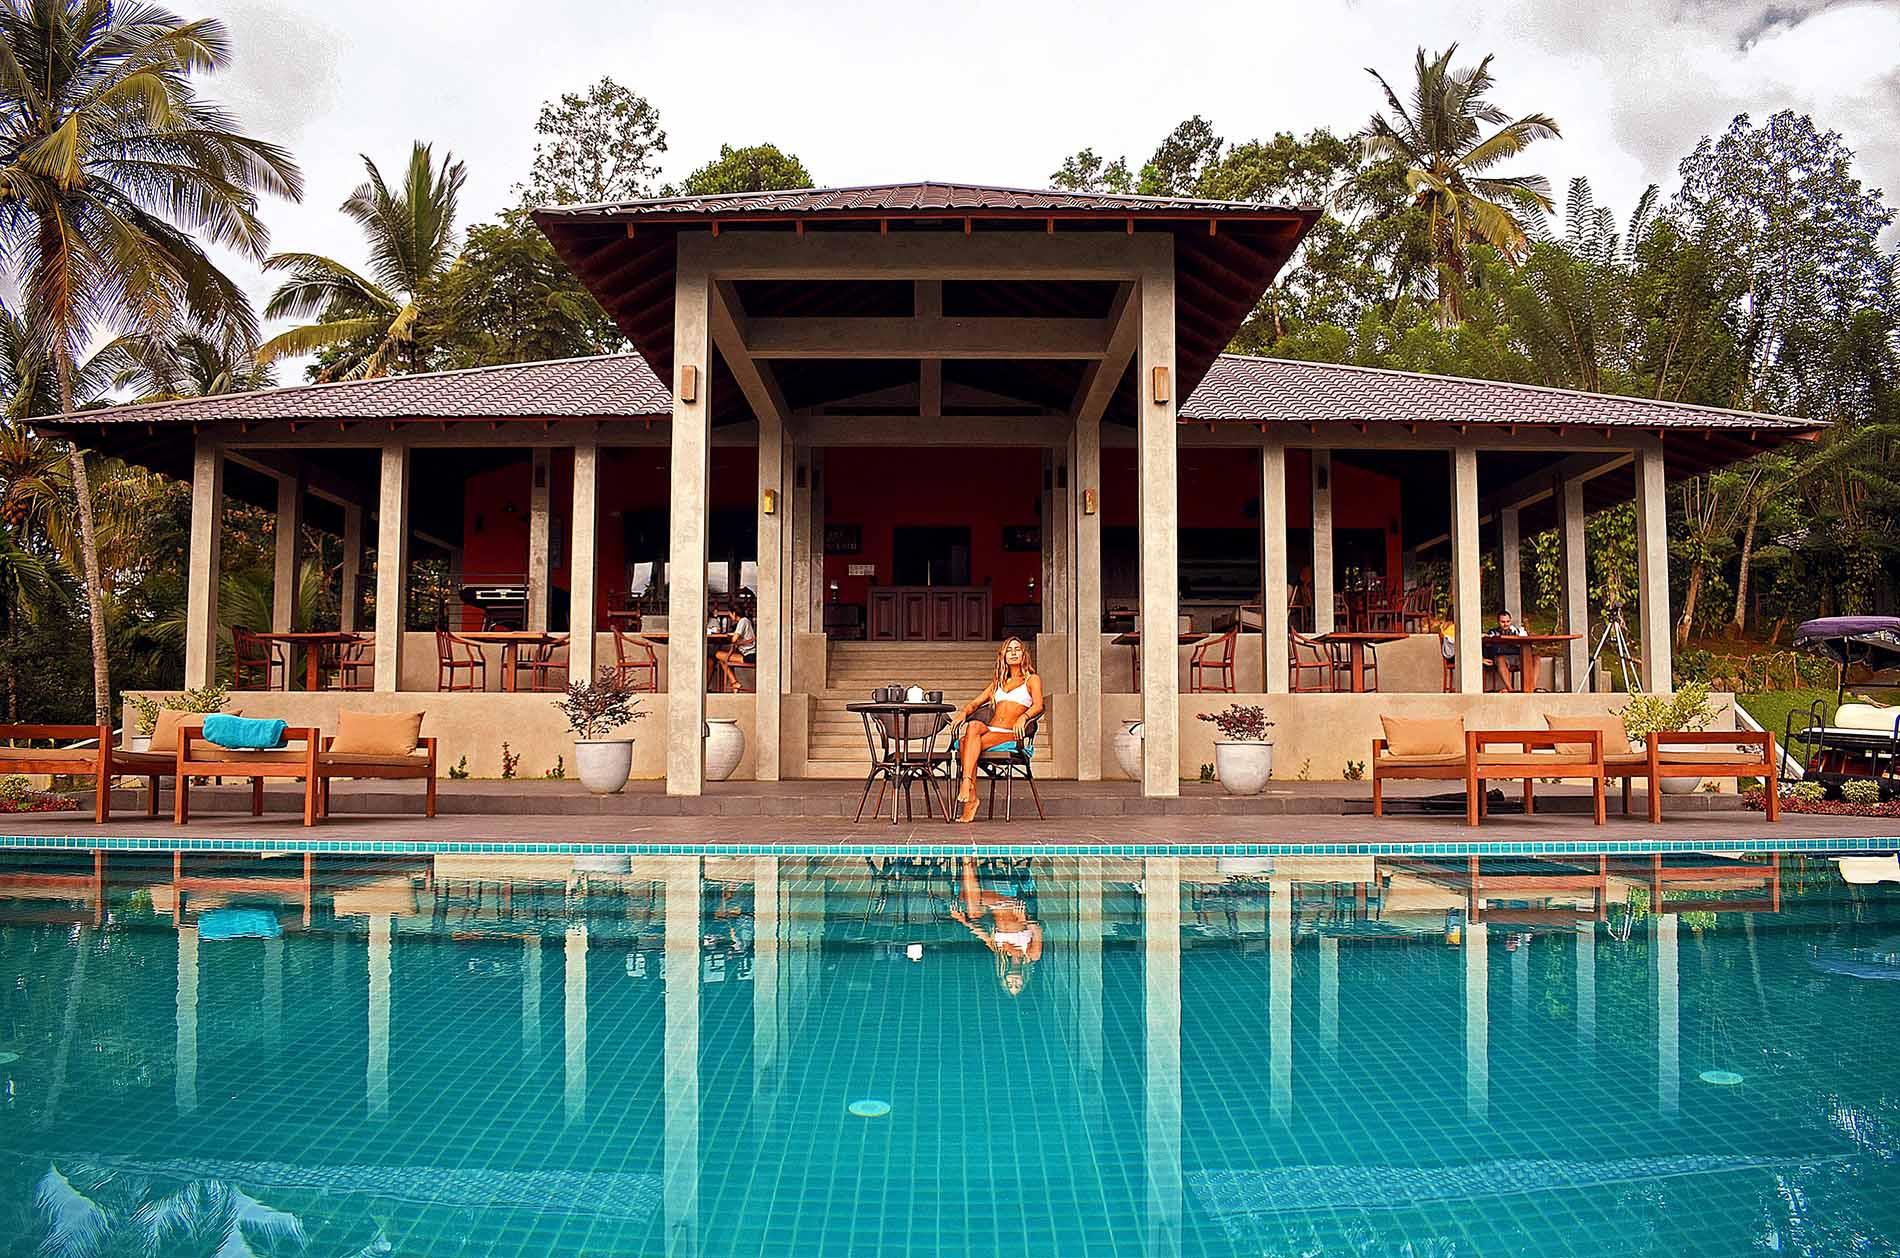 Pool Area at Aarunya Resort in Kandy